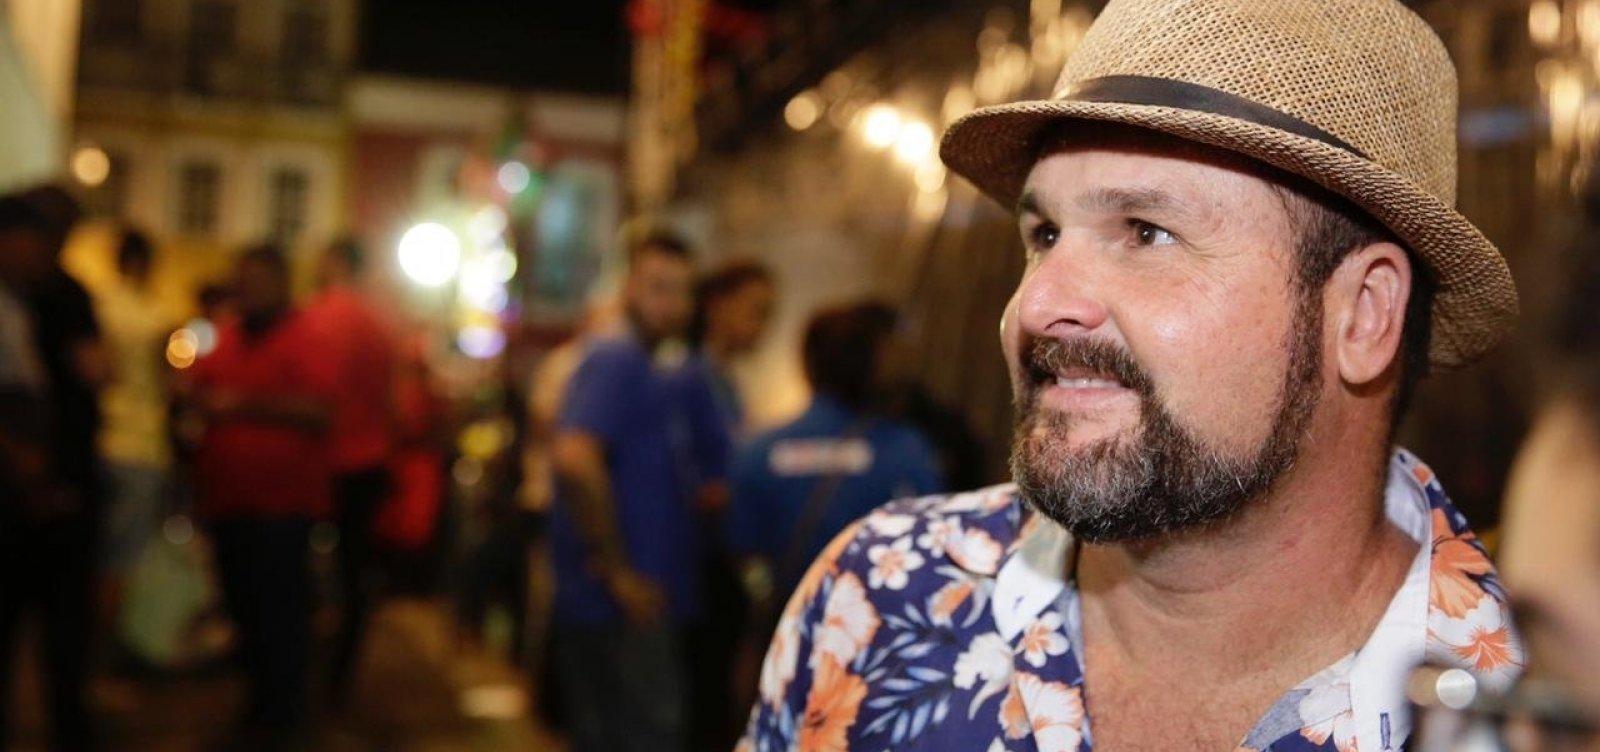 [Banda Estakazero critica escolha por Léo Santana em especial de São João da Globo]